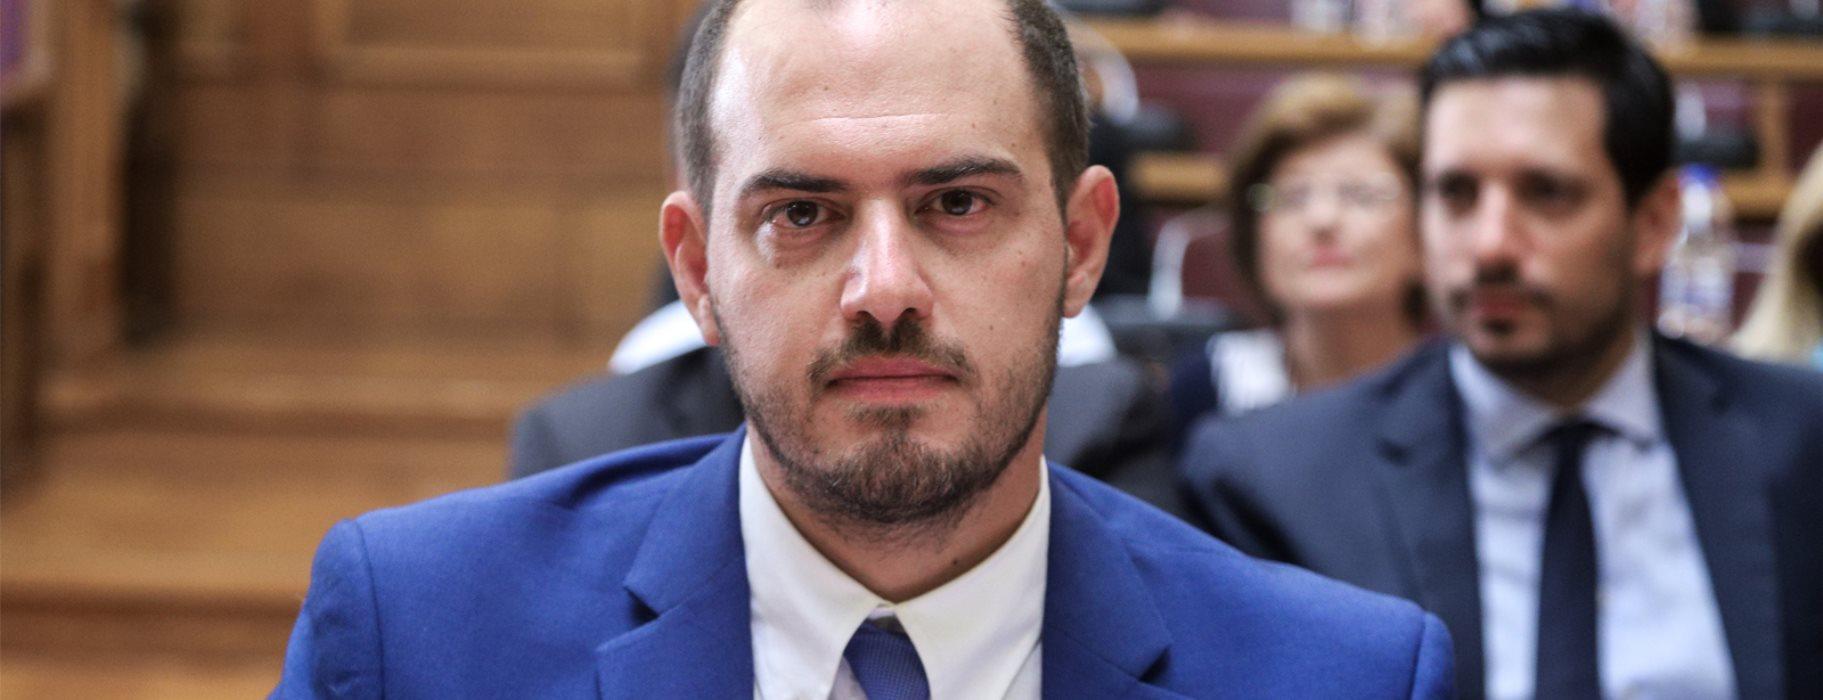 Γ. Κώτσηρας: Δικαιοσύνη για την υπόθεση της Marfin με νέο αποδεικτικό υλικό /Ηχητικό